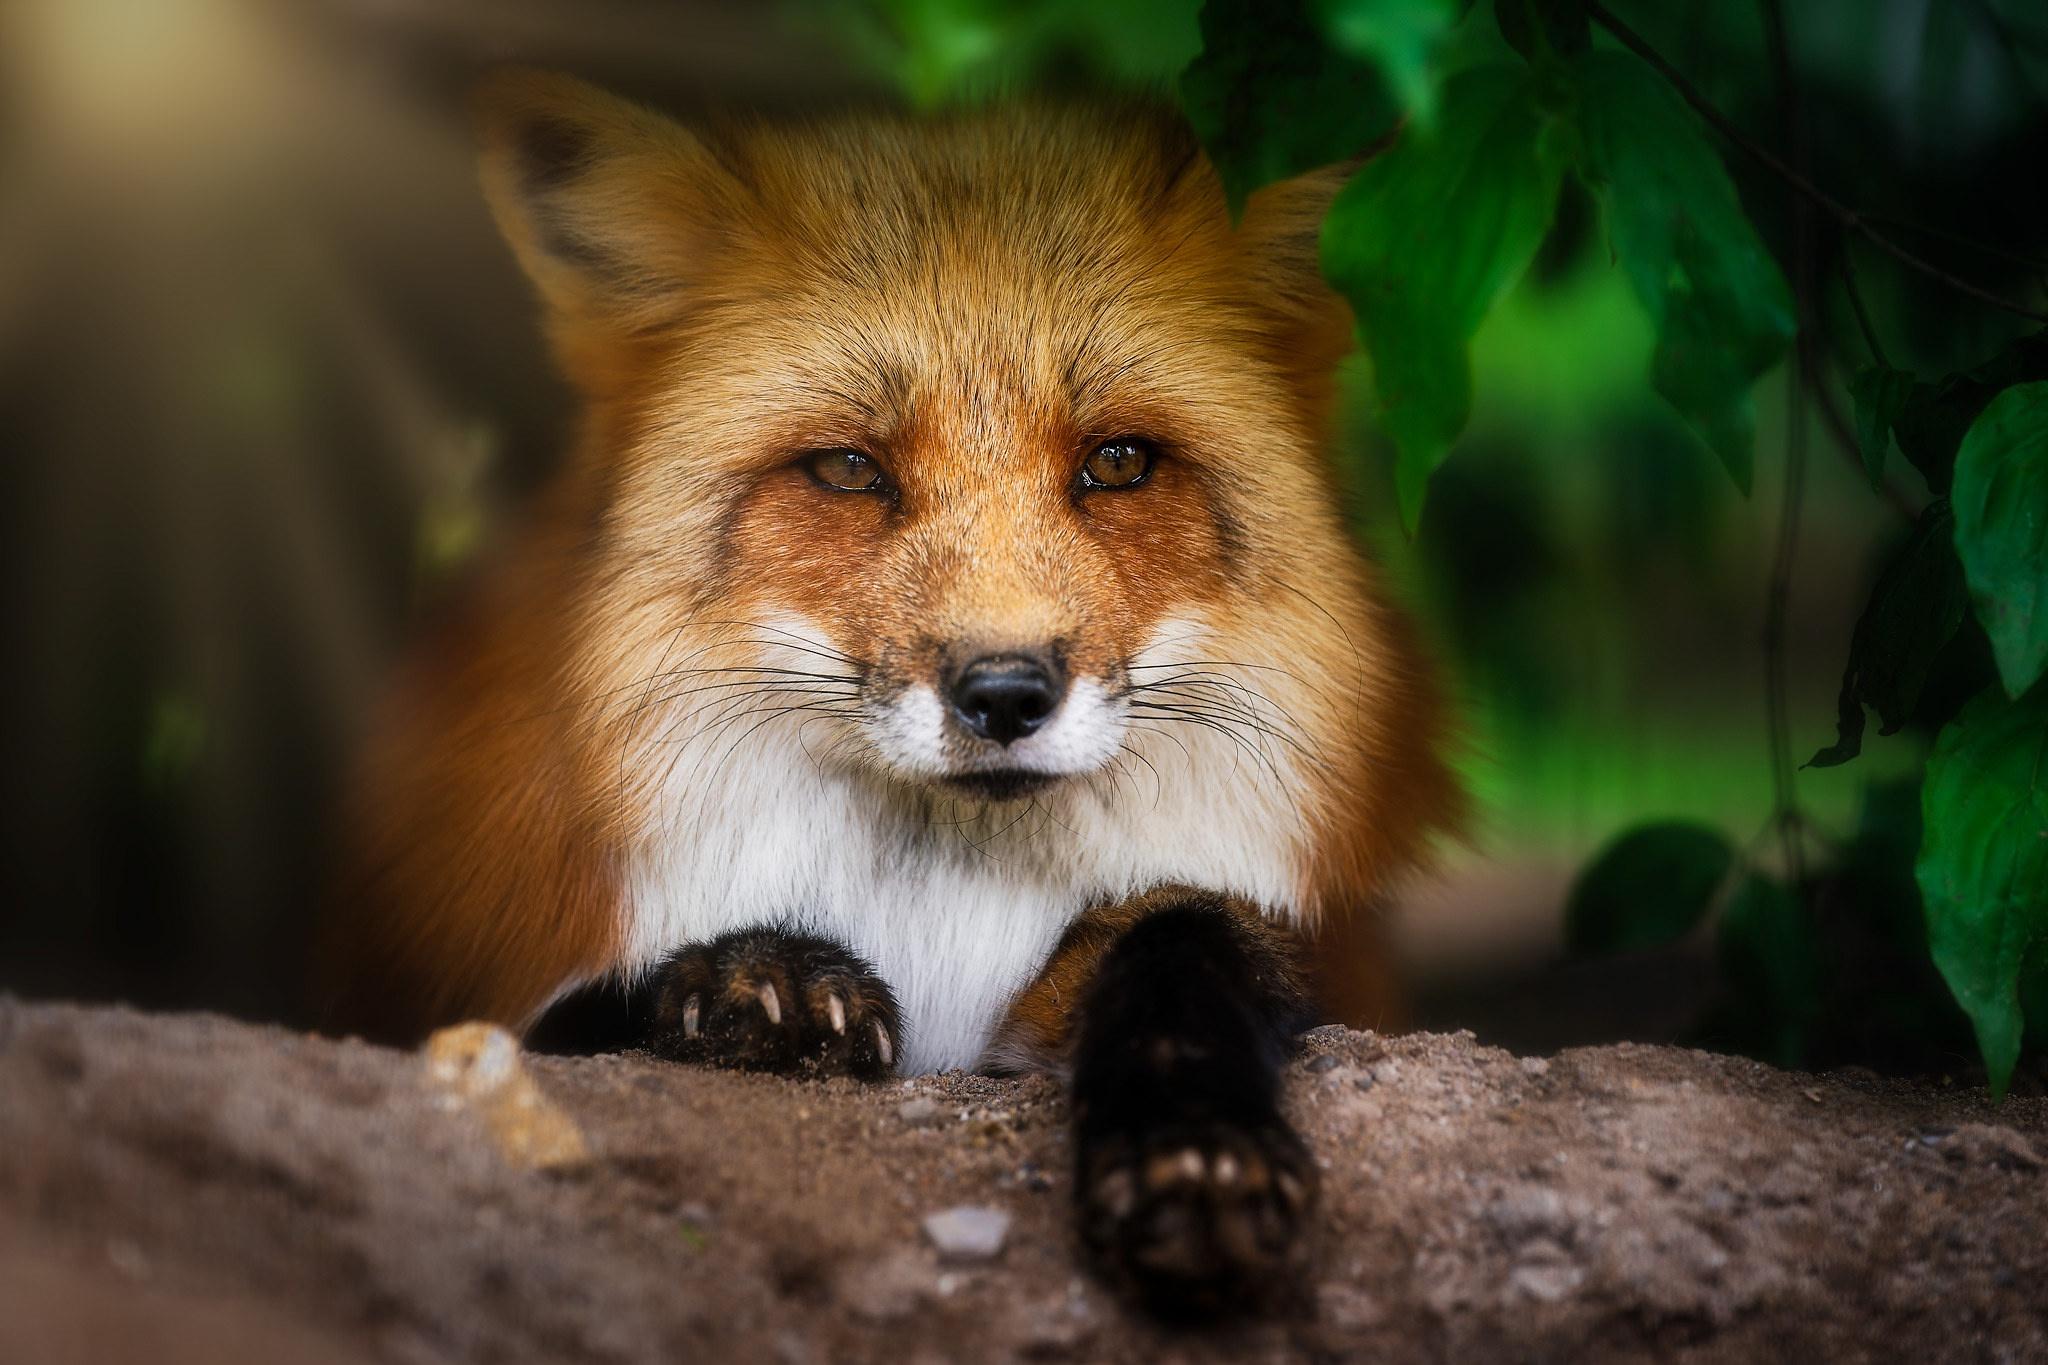 последнее красивое фото лисы в природе хотя судьба часто